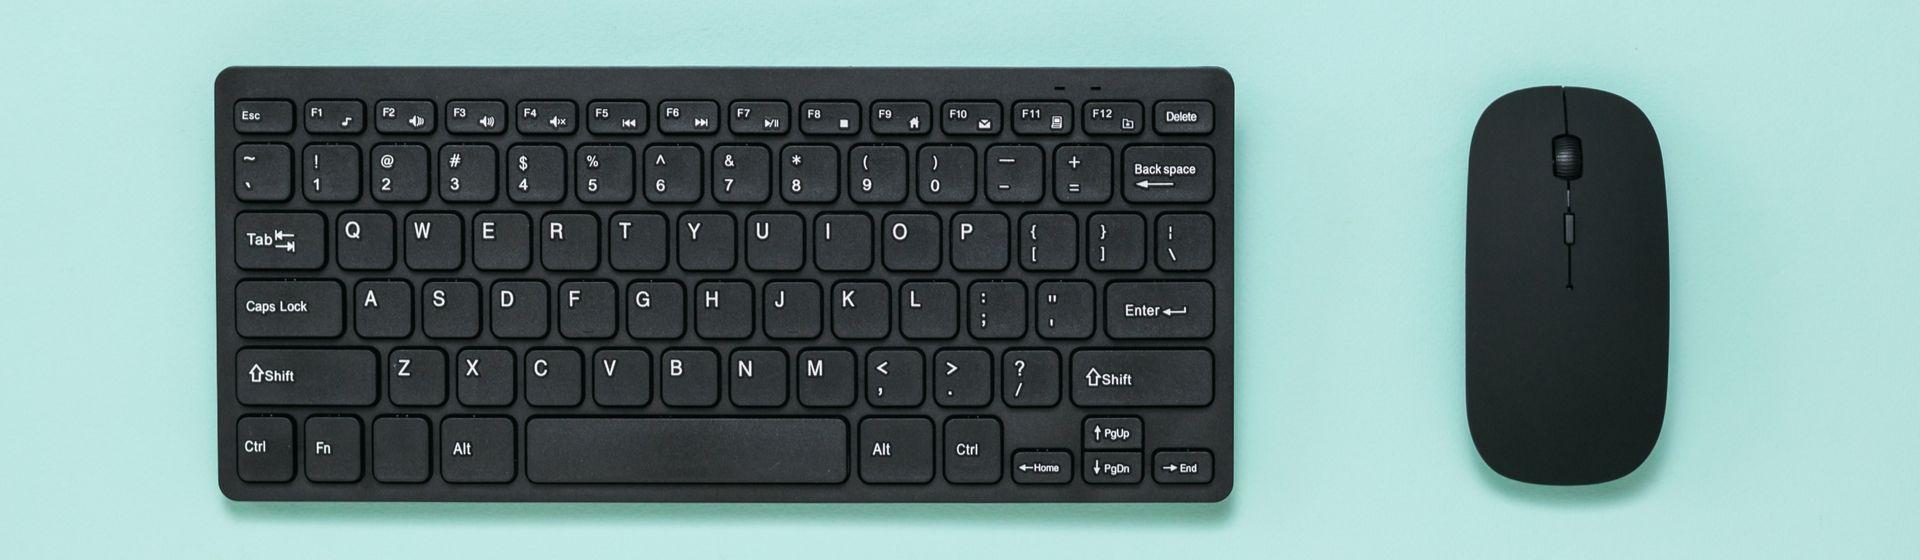 Melhor kit teclado e mouse para comprar em 2021